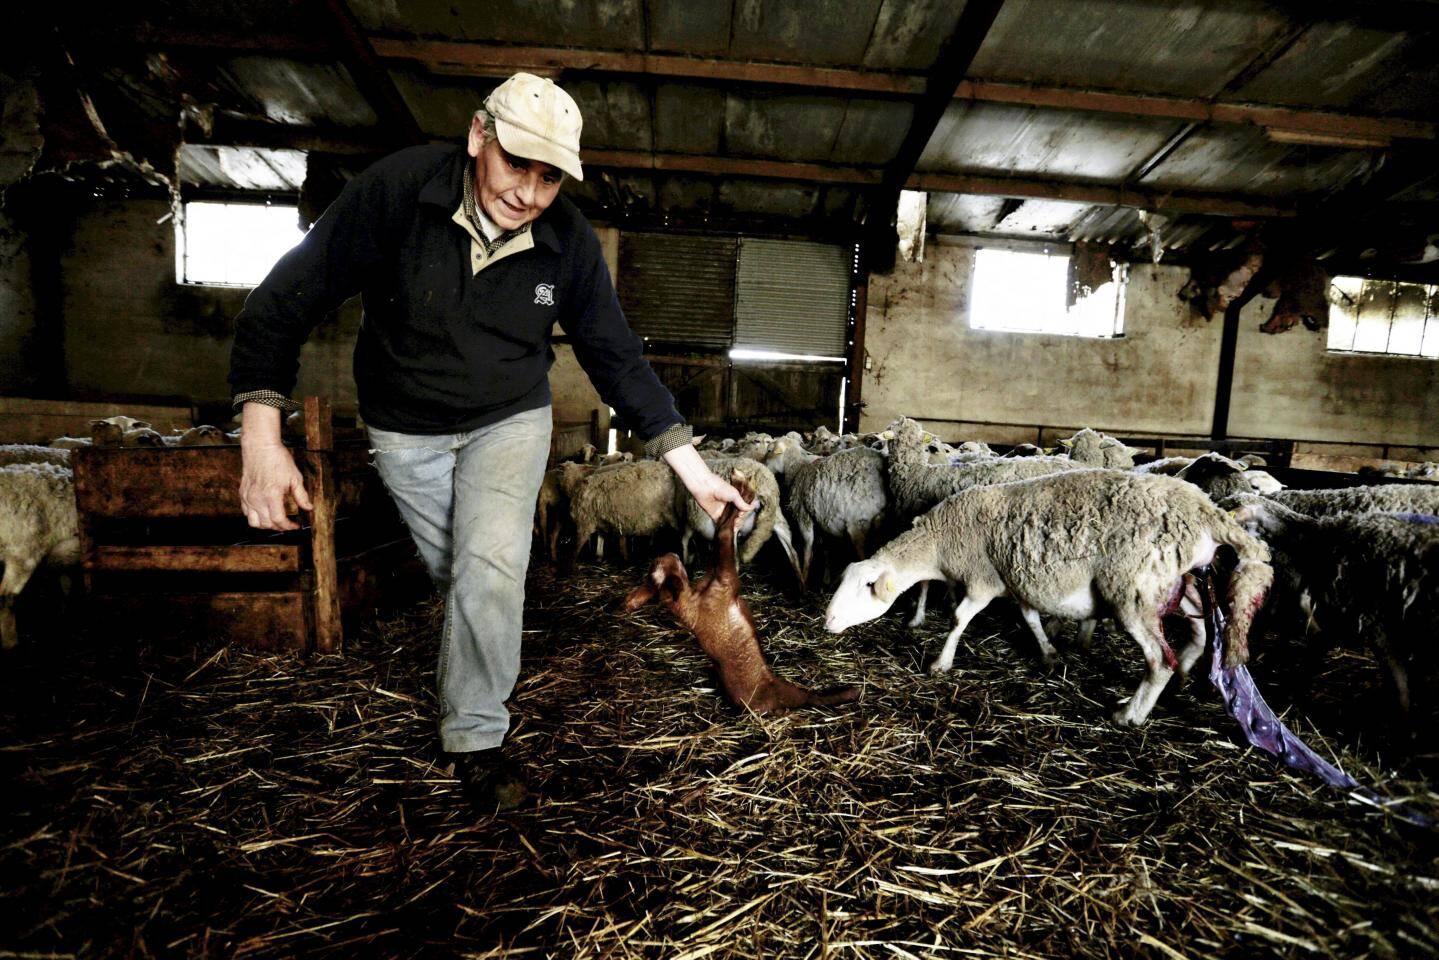 À 57 ans, Alain Serafino a élevé des brebis toute sa vie. Dans la ferme Saint Andrieux à Bauduen, il bichonne près de 300 bêtes. En pleine saison d'agnelage, les naissances se succèdent les unes après les autres.